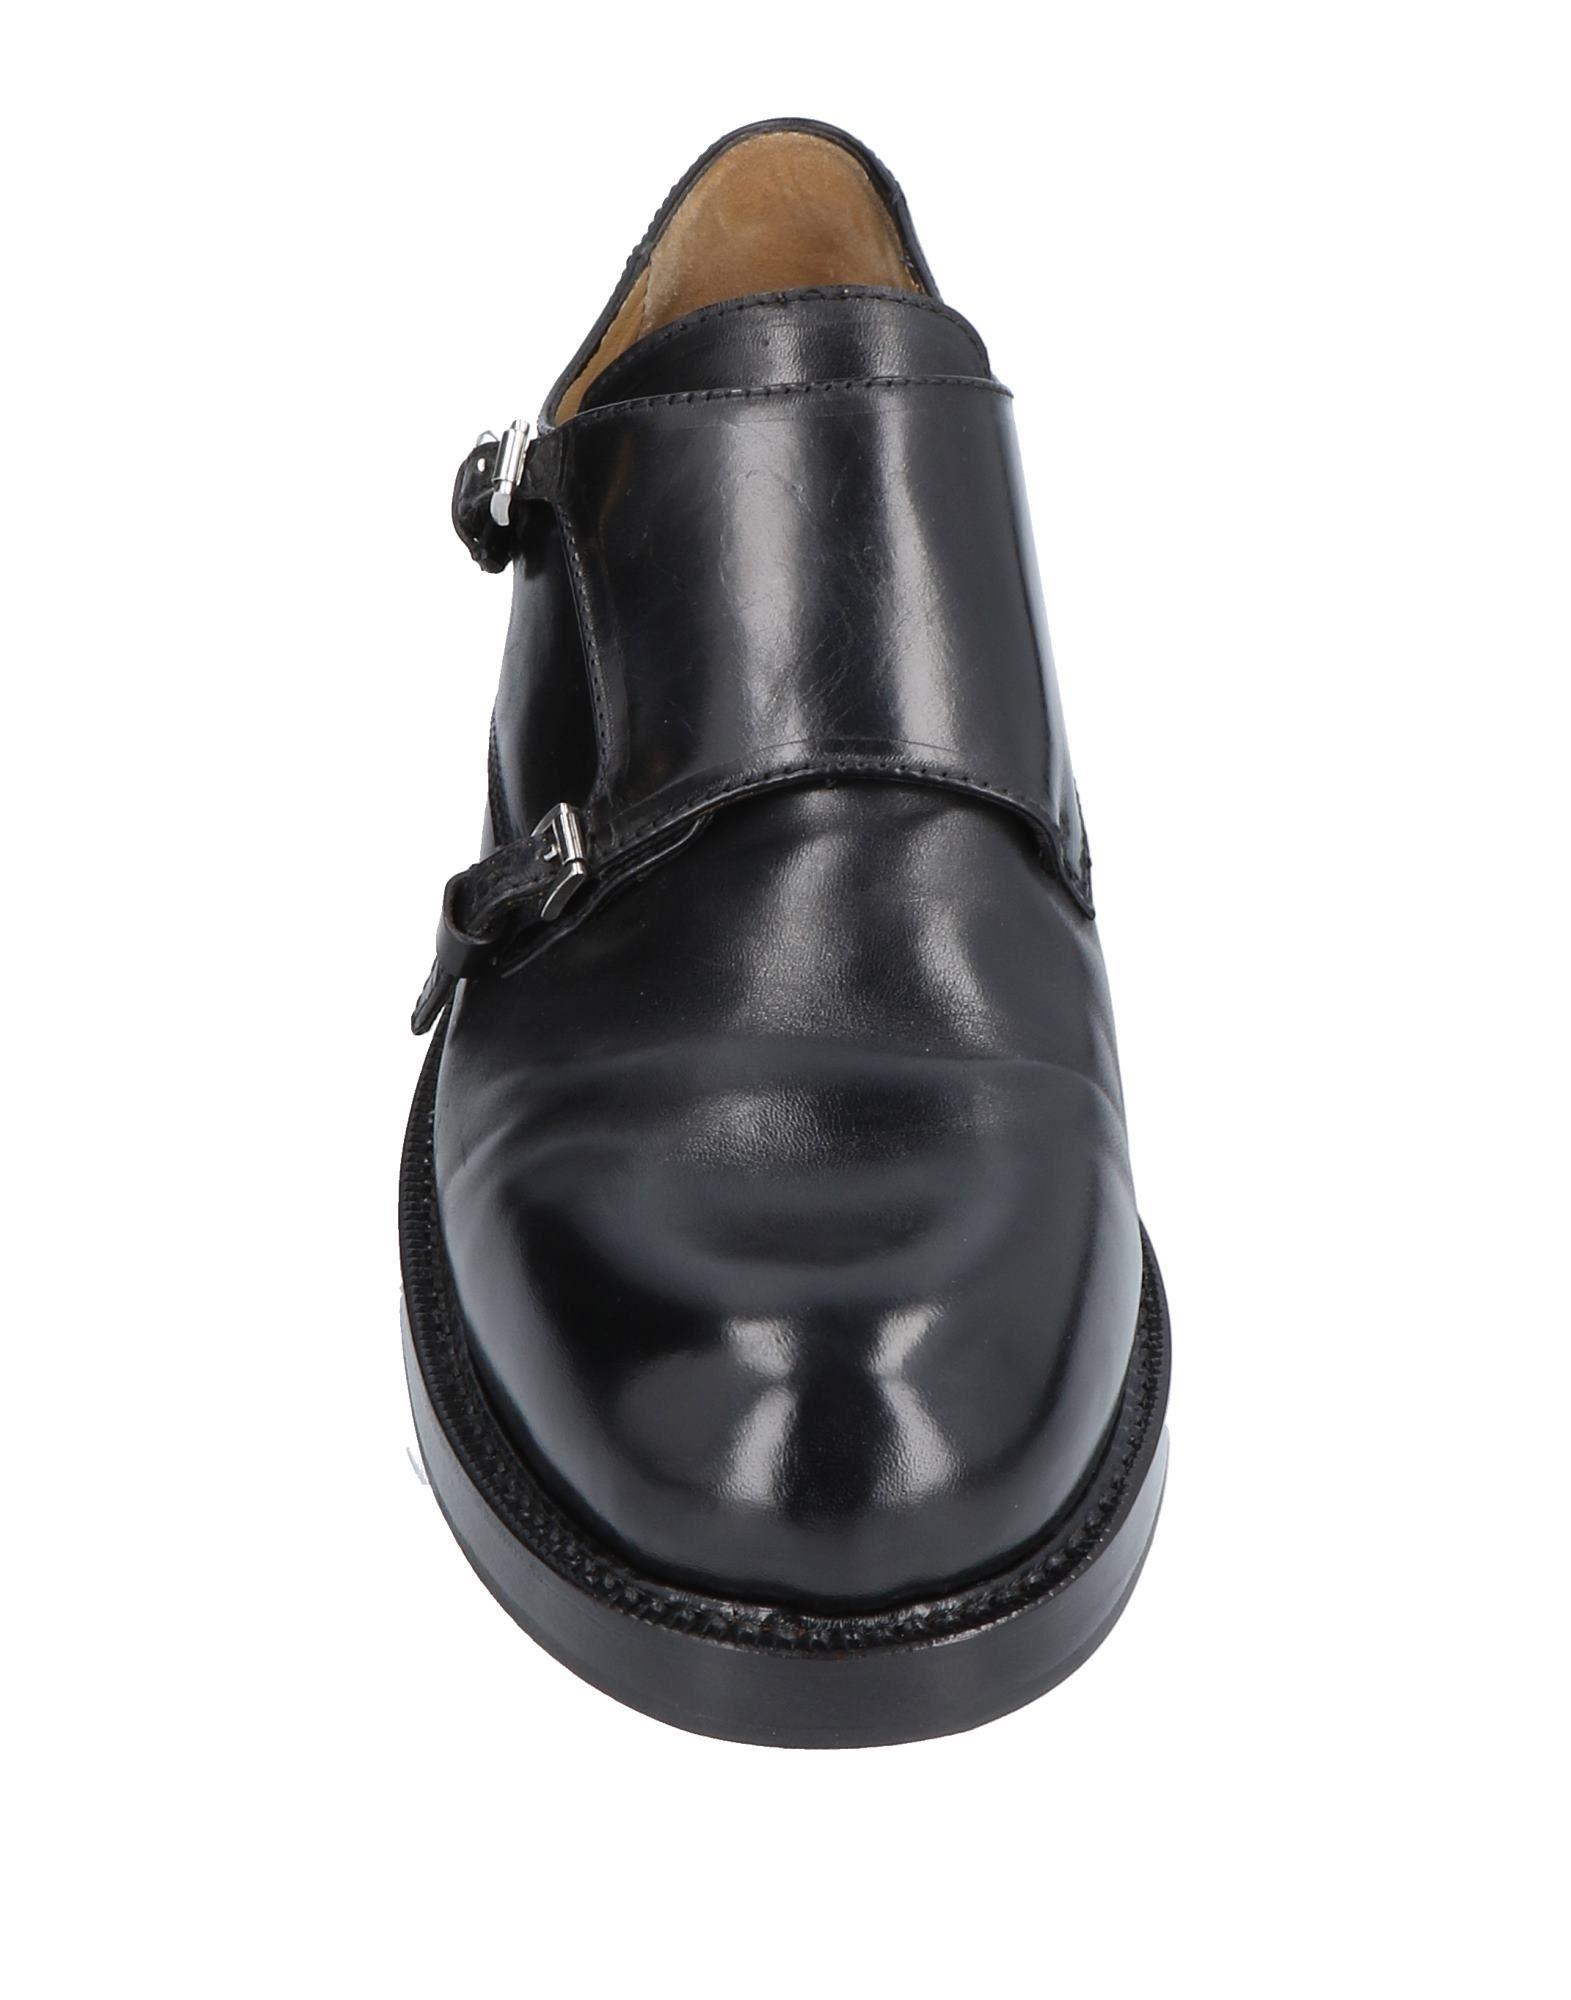 Cappelletti Mokassins Qualität Herren  11496486UR Gute Qualität Mokassins beliebte Schuhe b65aa3